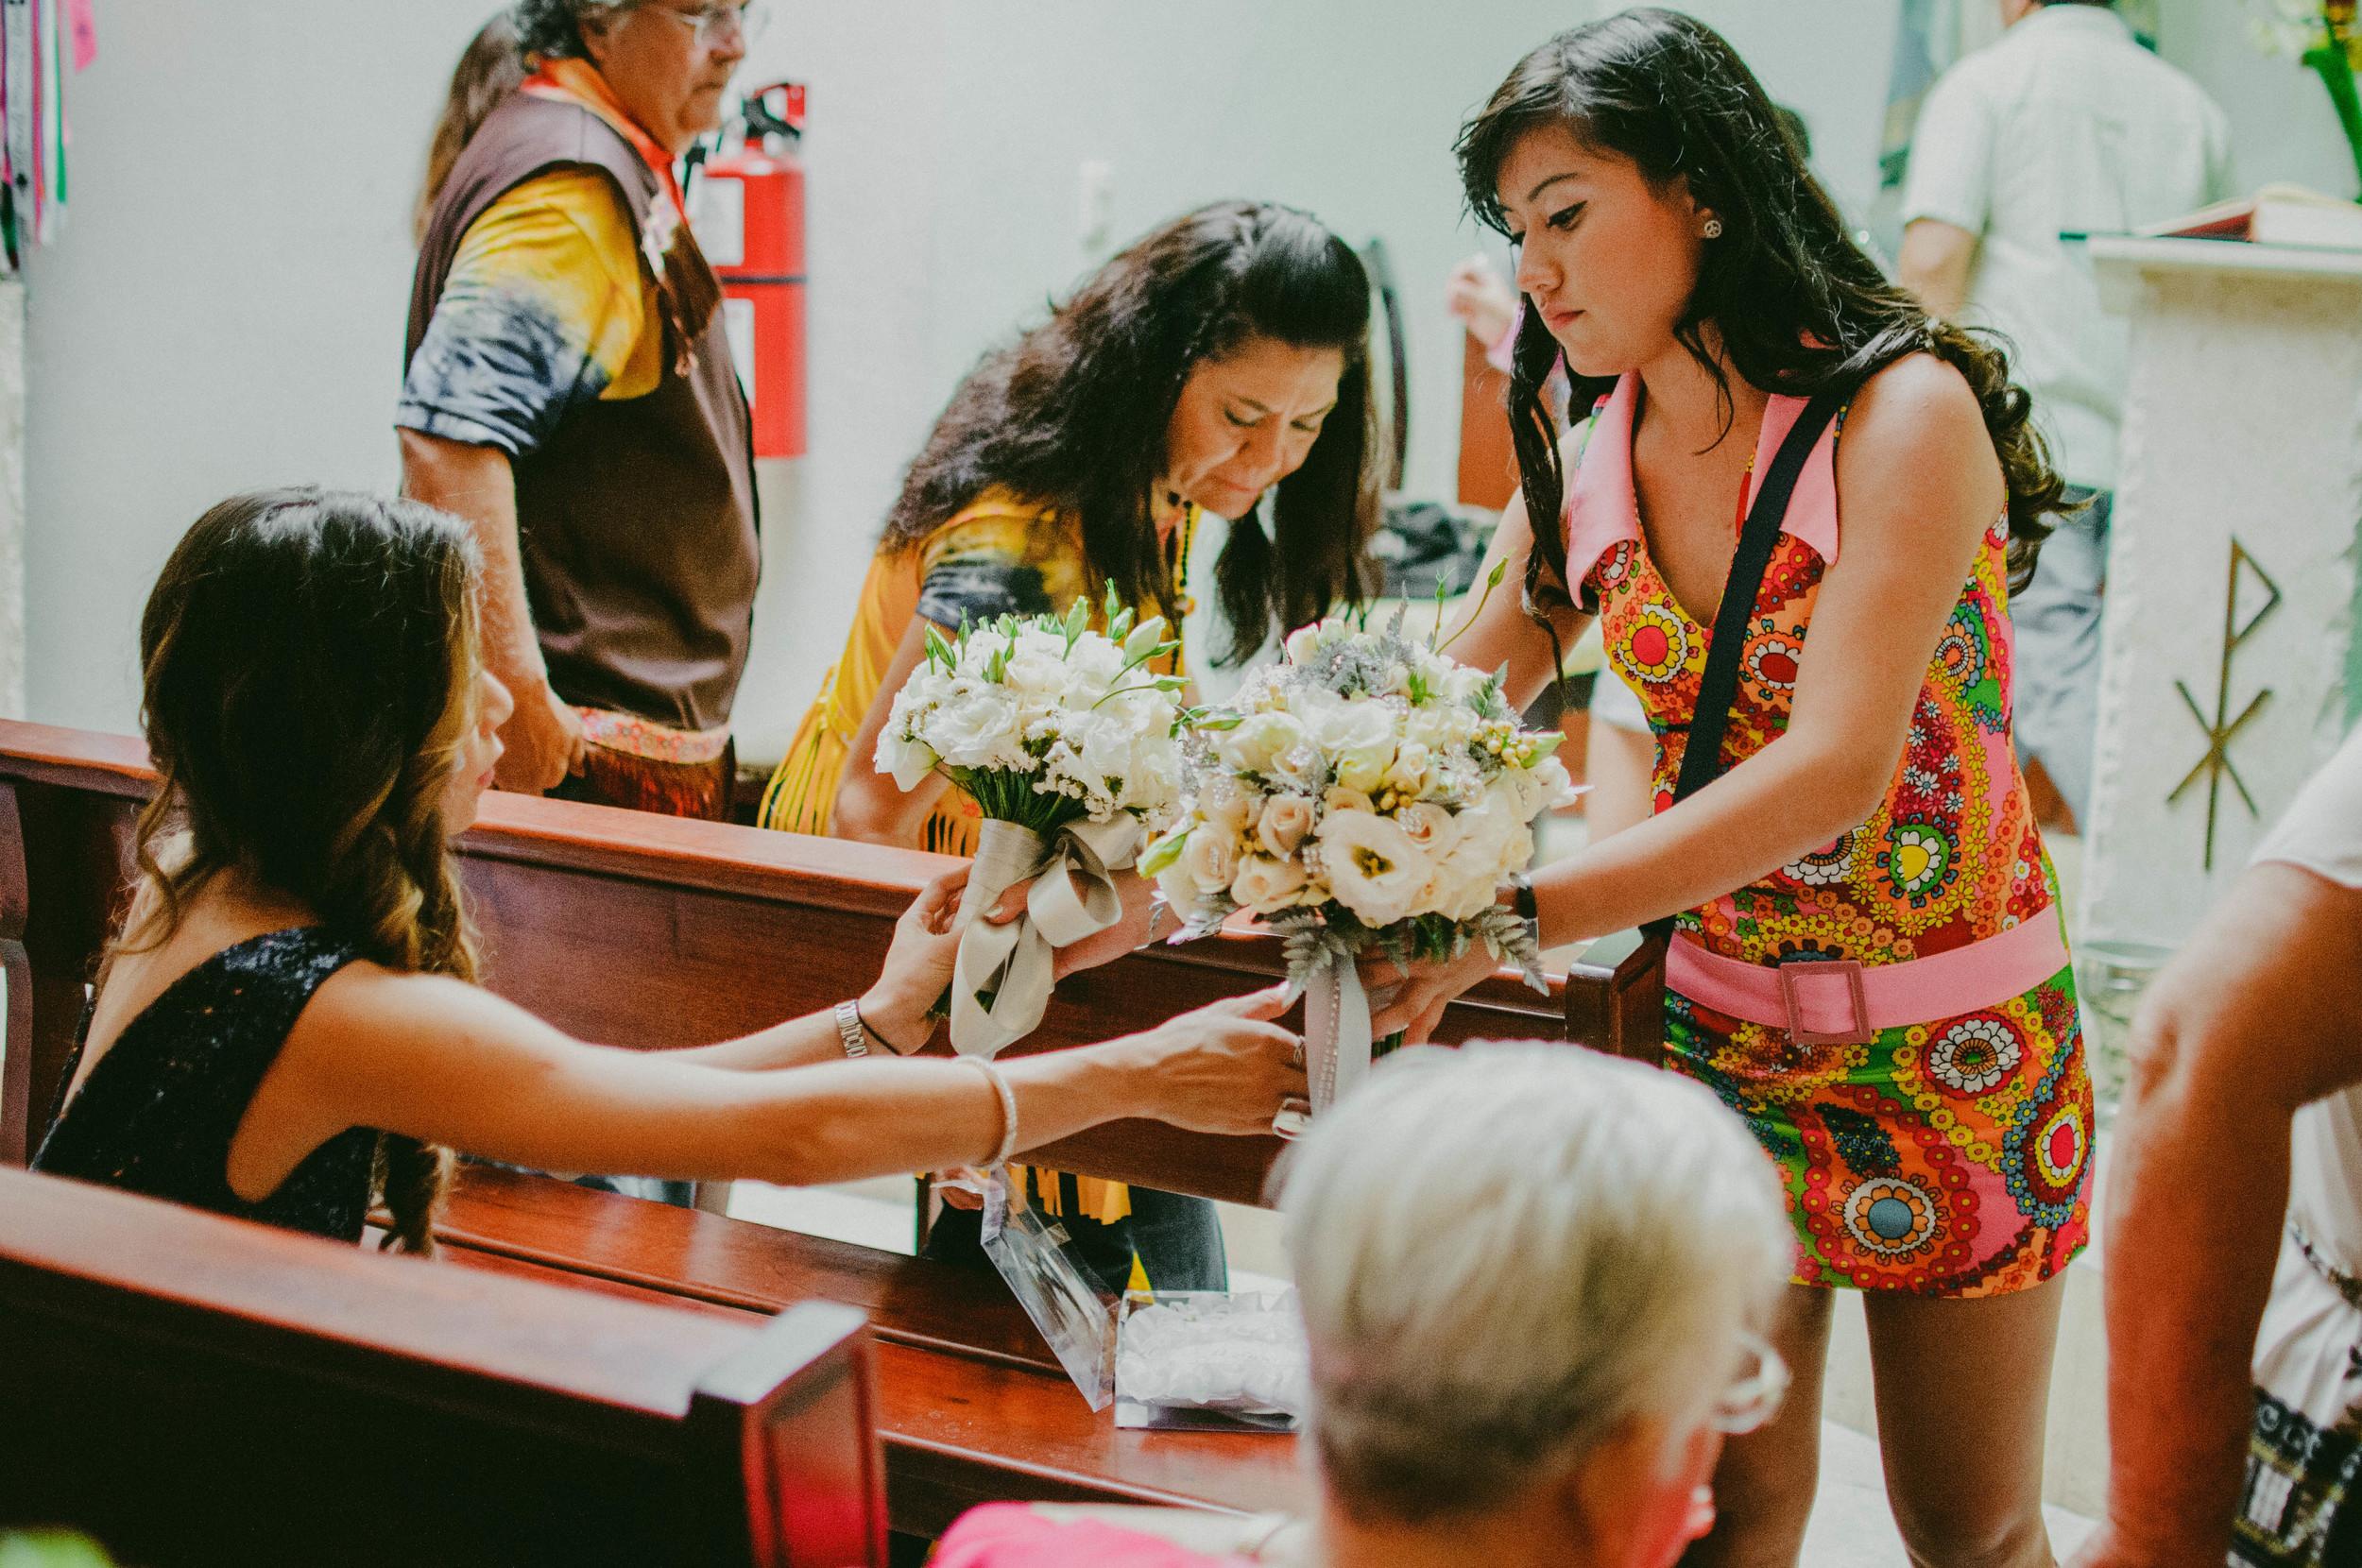 bodas de plata179.jpg